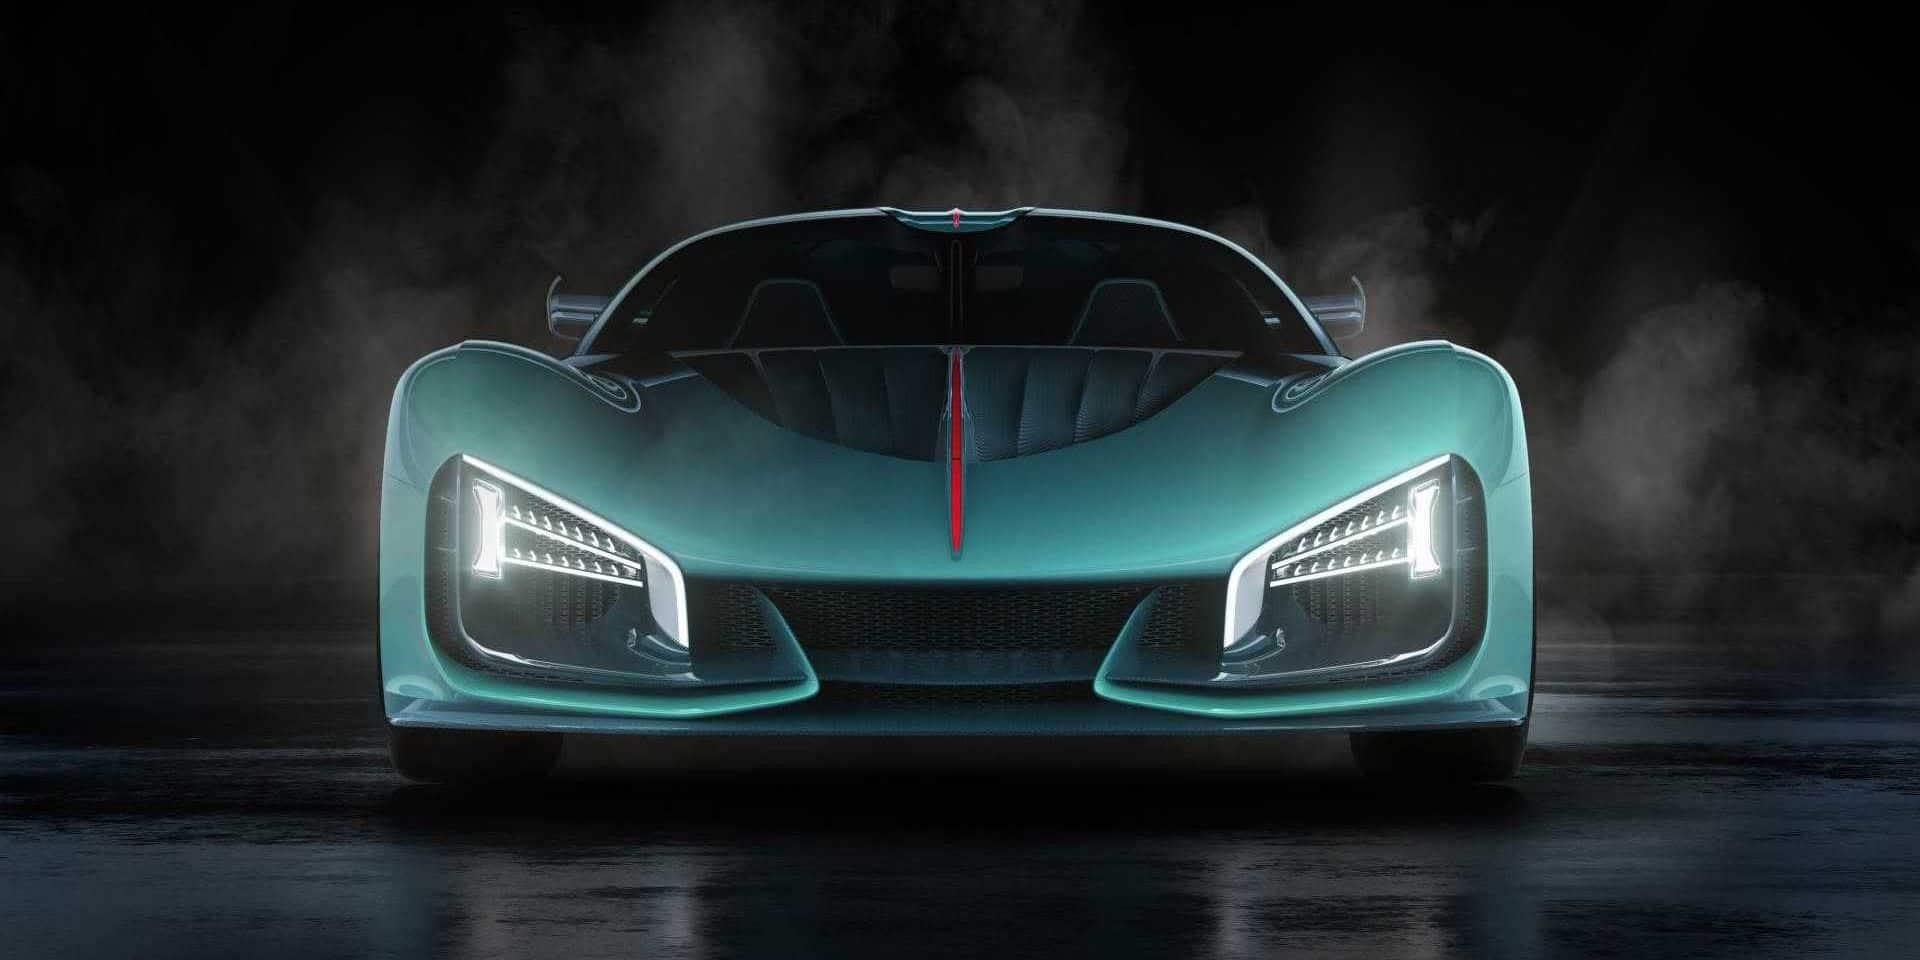 Une voiture chinoise à plus d'1 million d'euros !